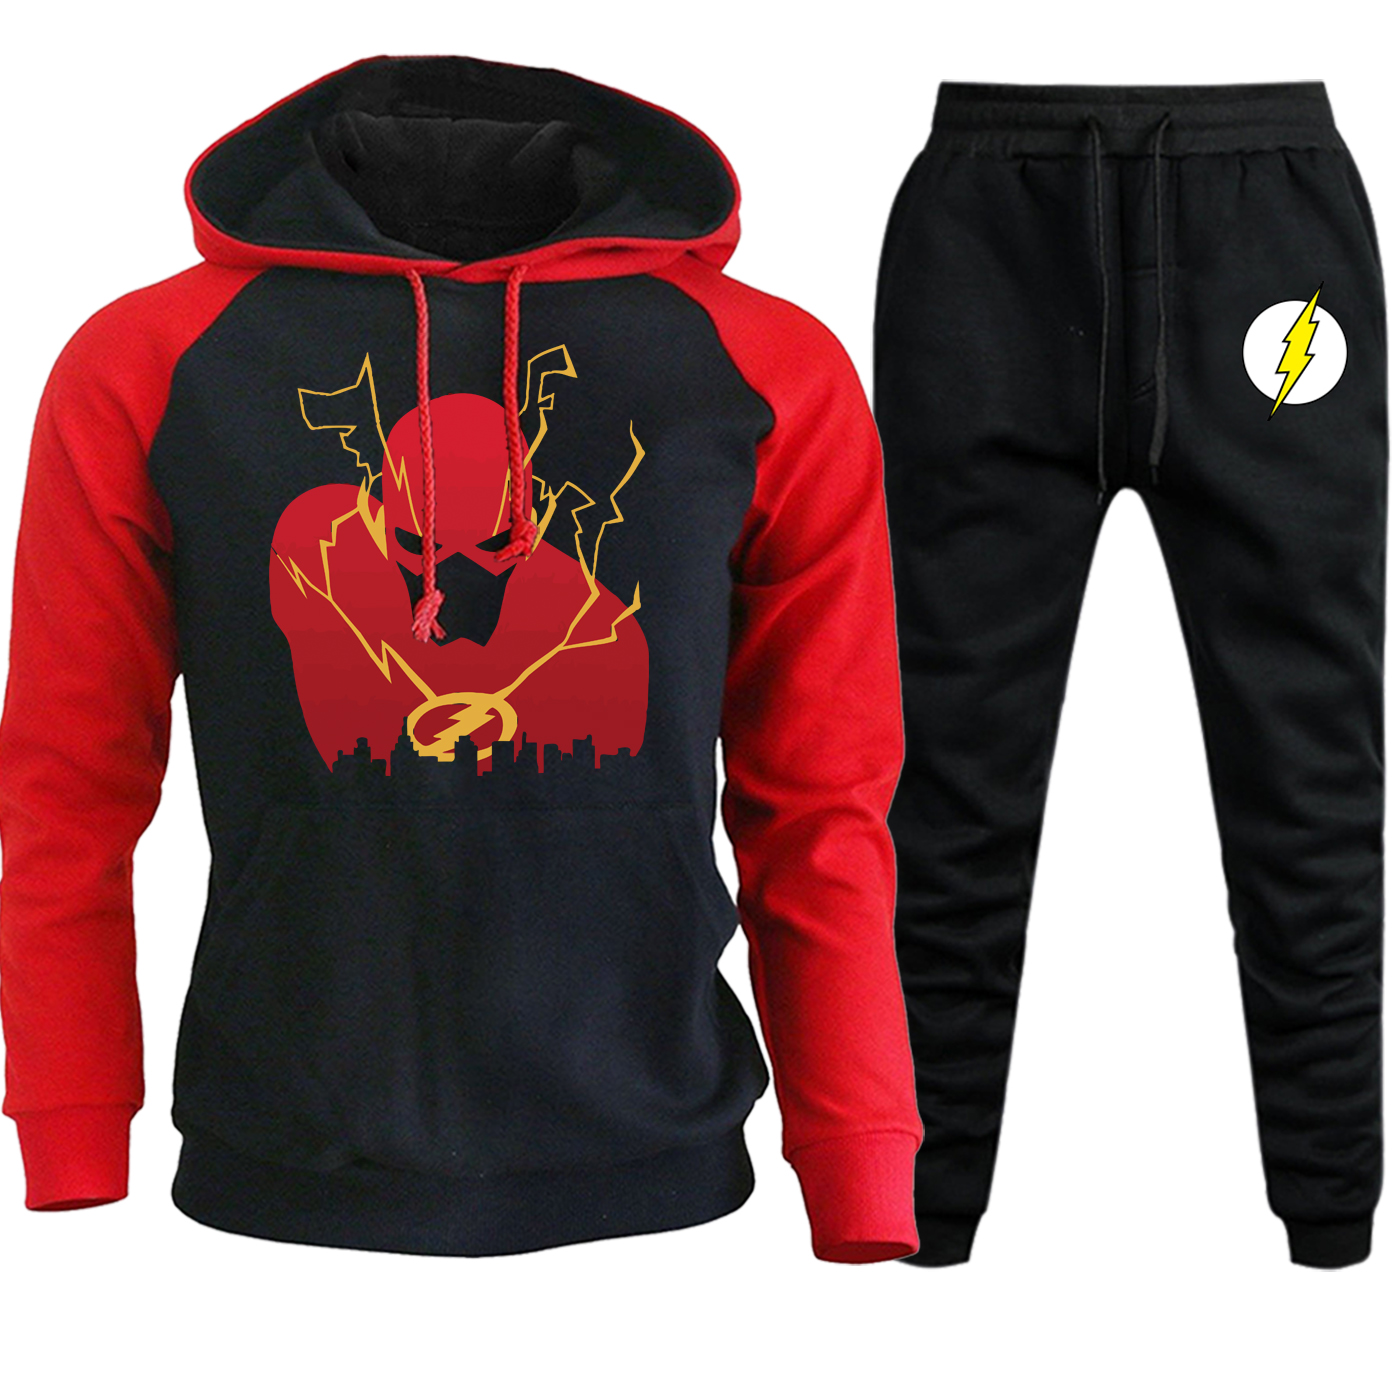 Men Hooded Raglan Sportswear Autumn Winter 2019 New Casual Streetwear The Flash Man Suit Male Fleece Hoodie+Pants 2 Piece Set